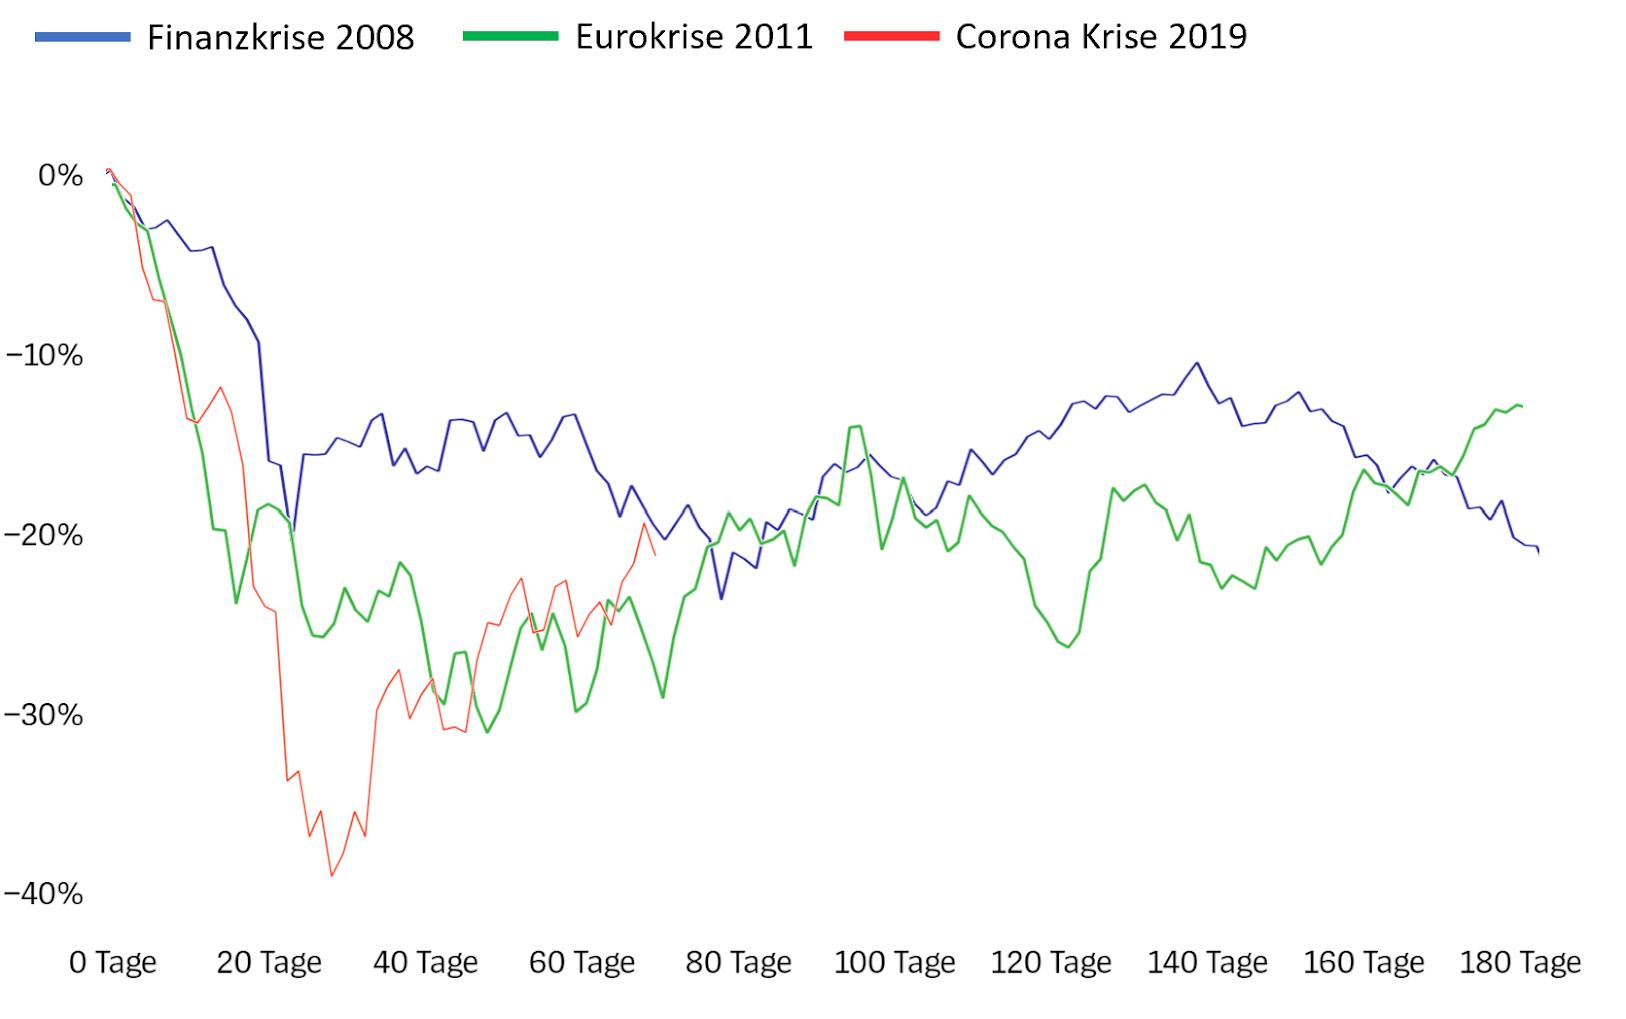 Historische Krisen im Vergleich zur Corona-Krise